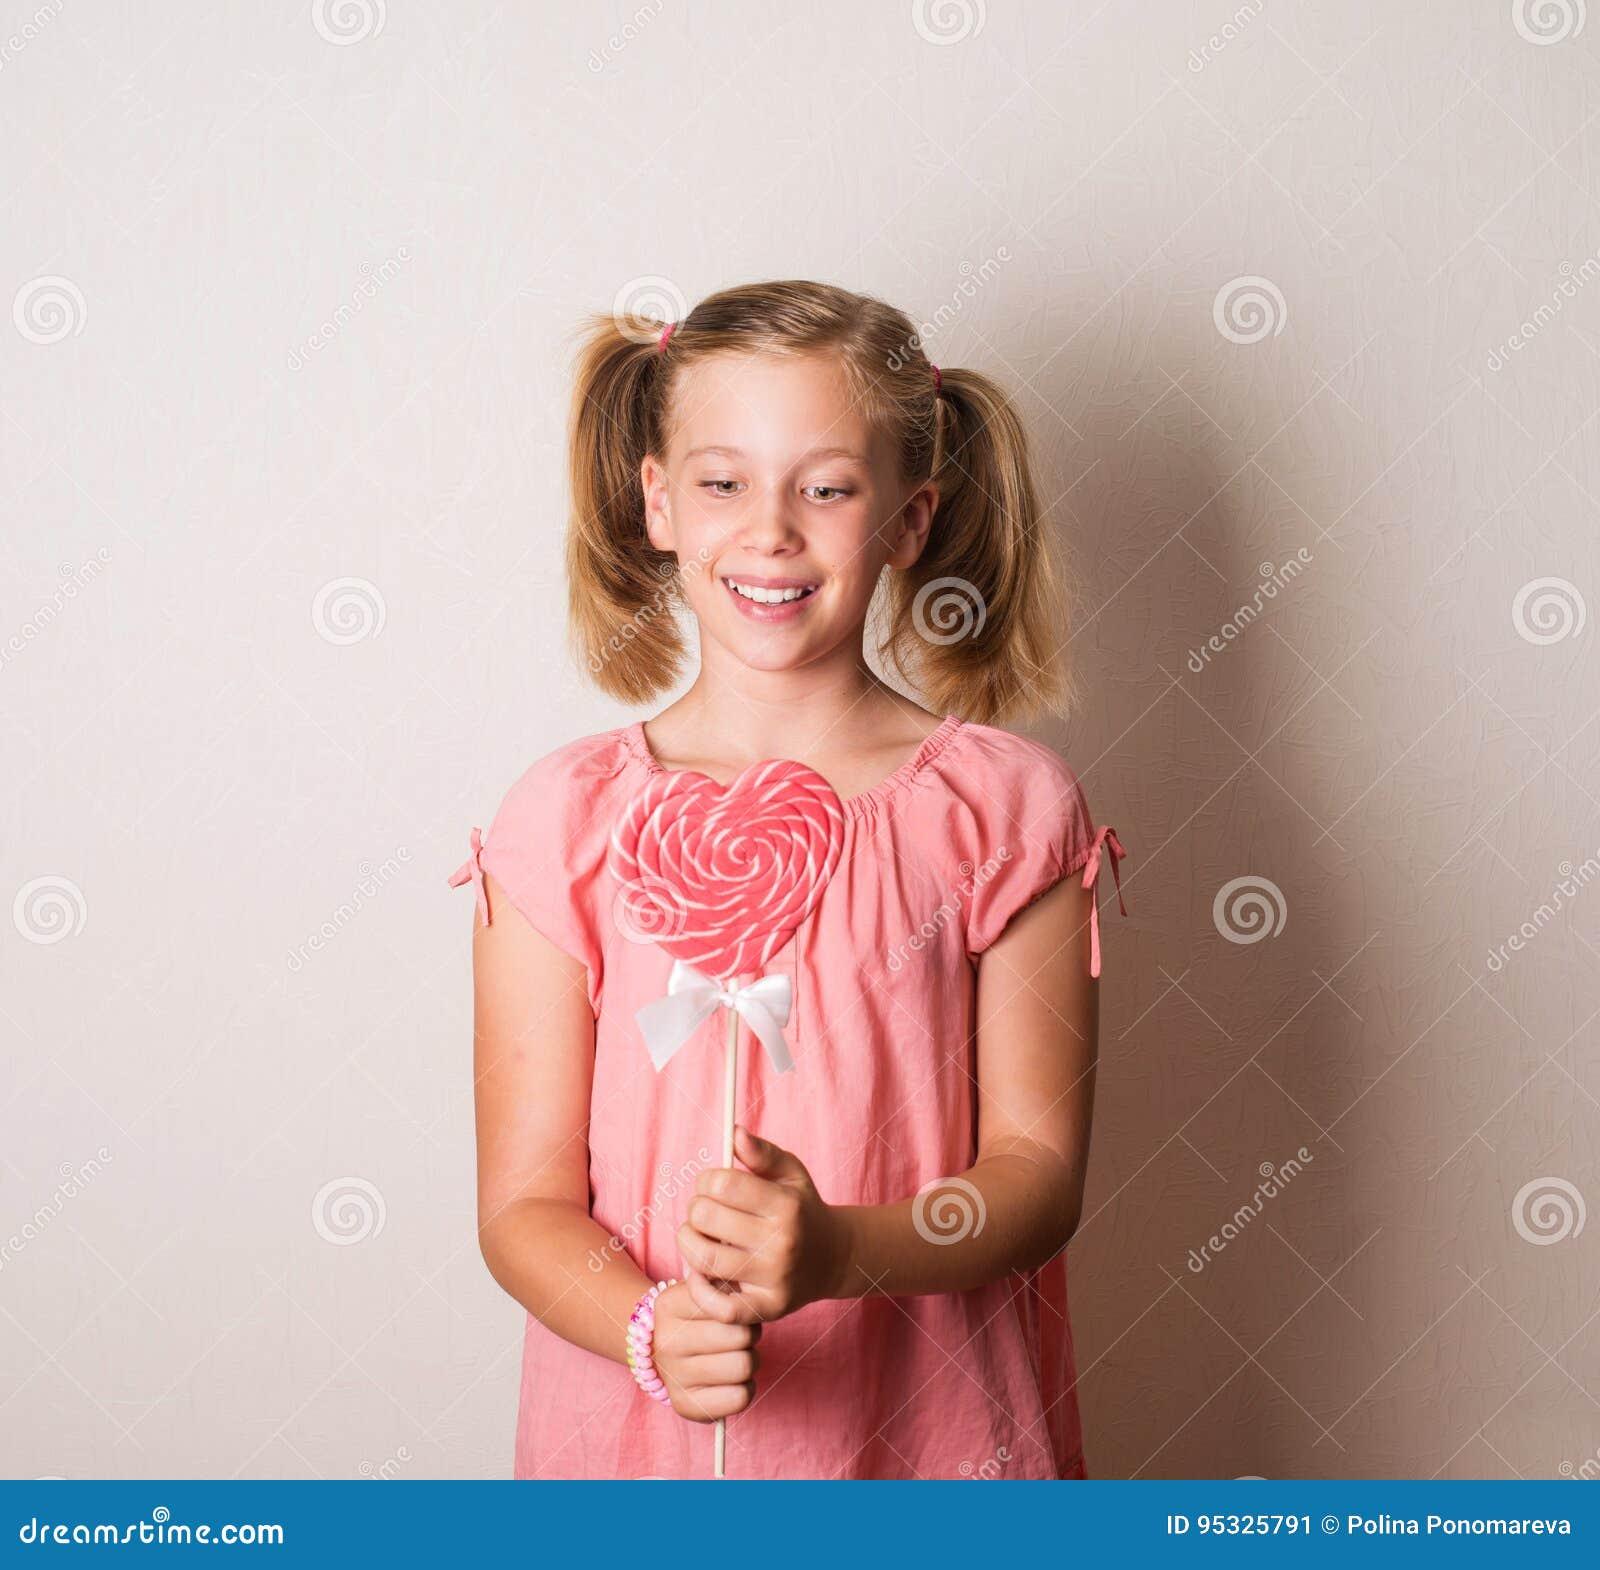 marvelous Cute Little Teen Girls Part - 6: Beautiful little girl holding a big heart shaped lollipop